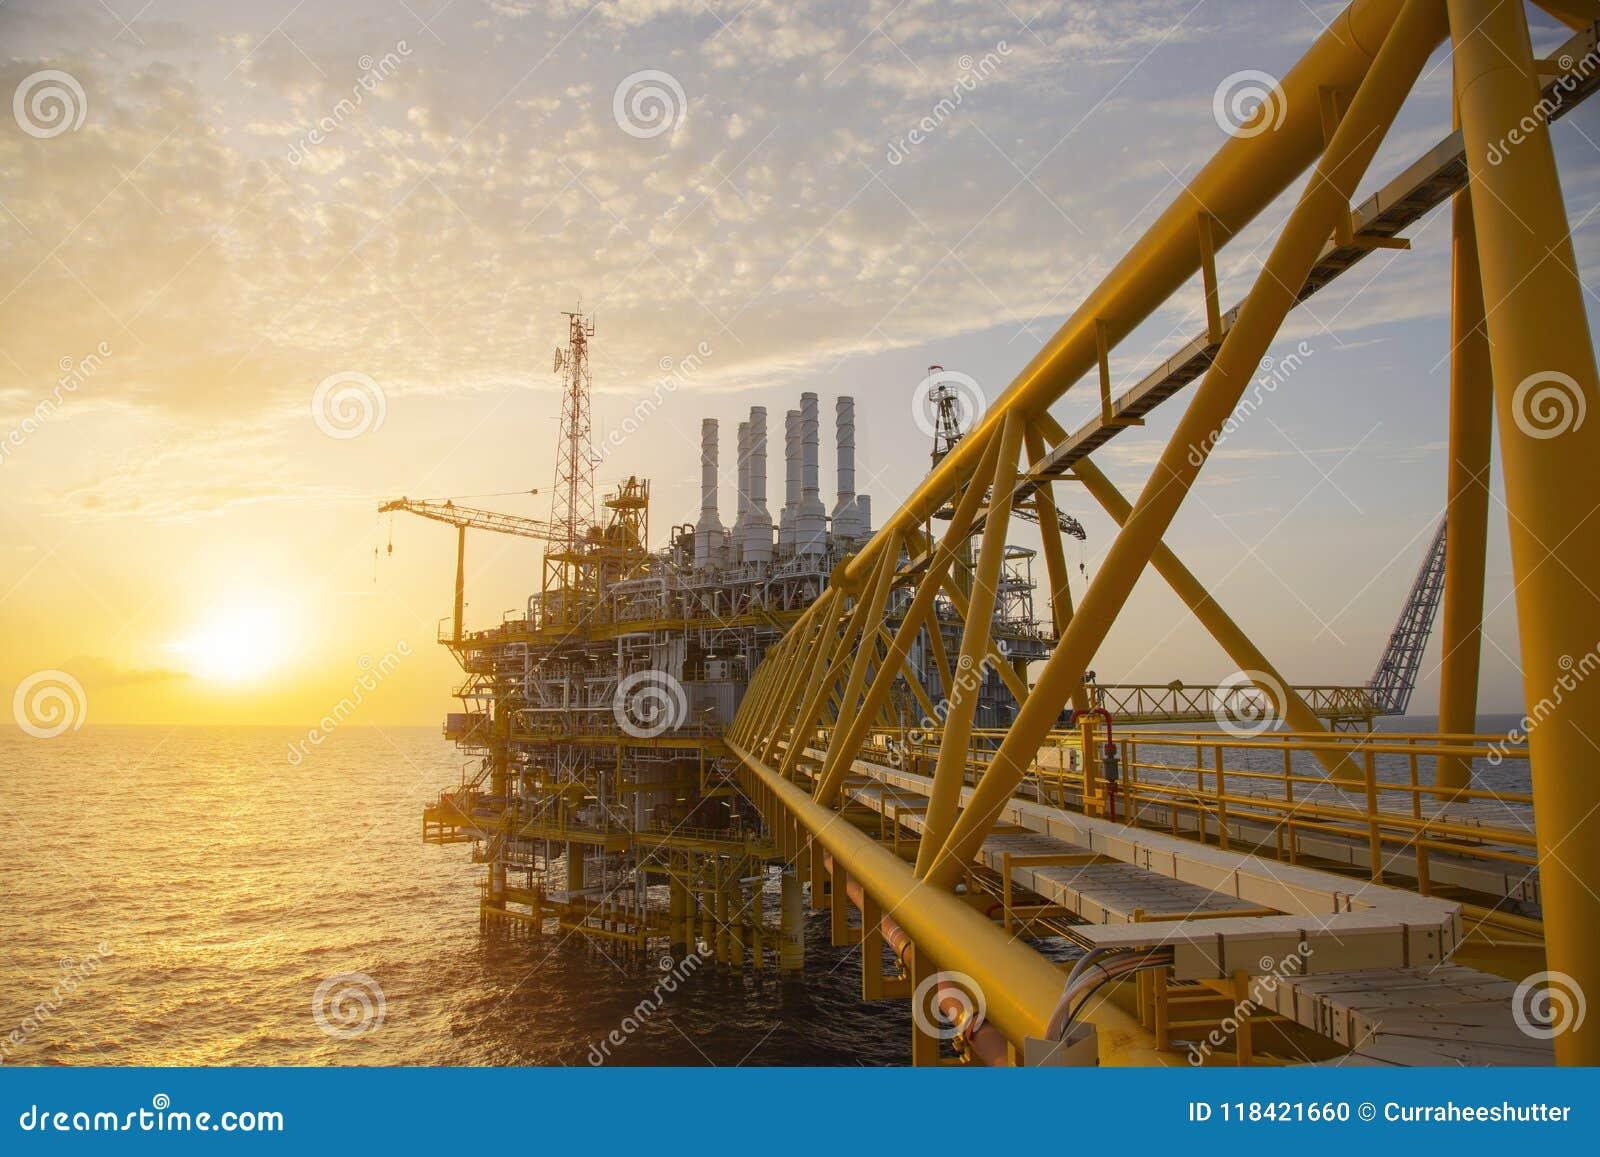 Offshorebauplattform für Produktionsöl und -gas Öl- und Gasindustrie und harte Arbeit Förderplattform und Operation